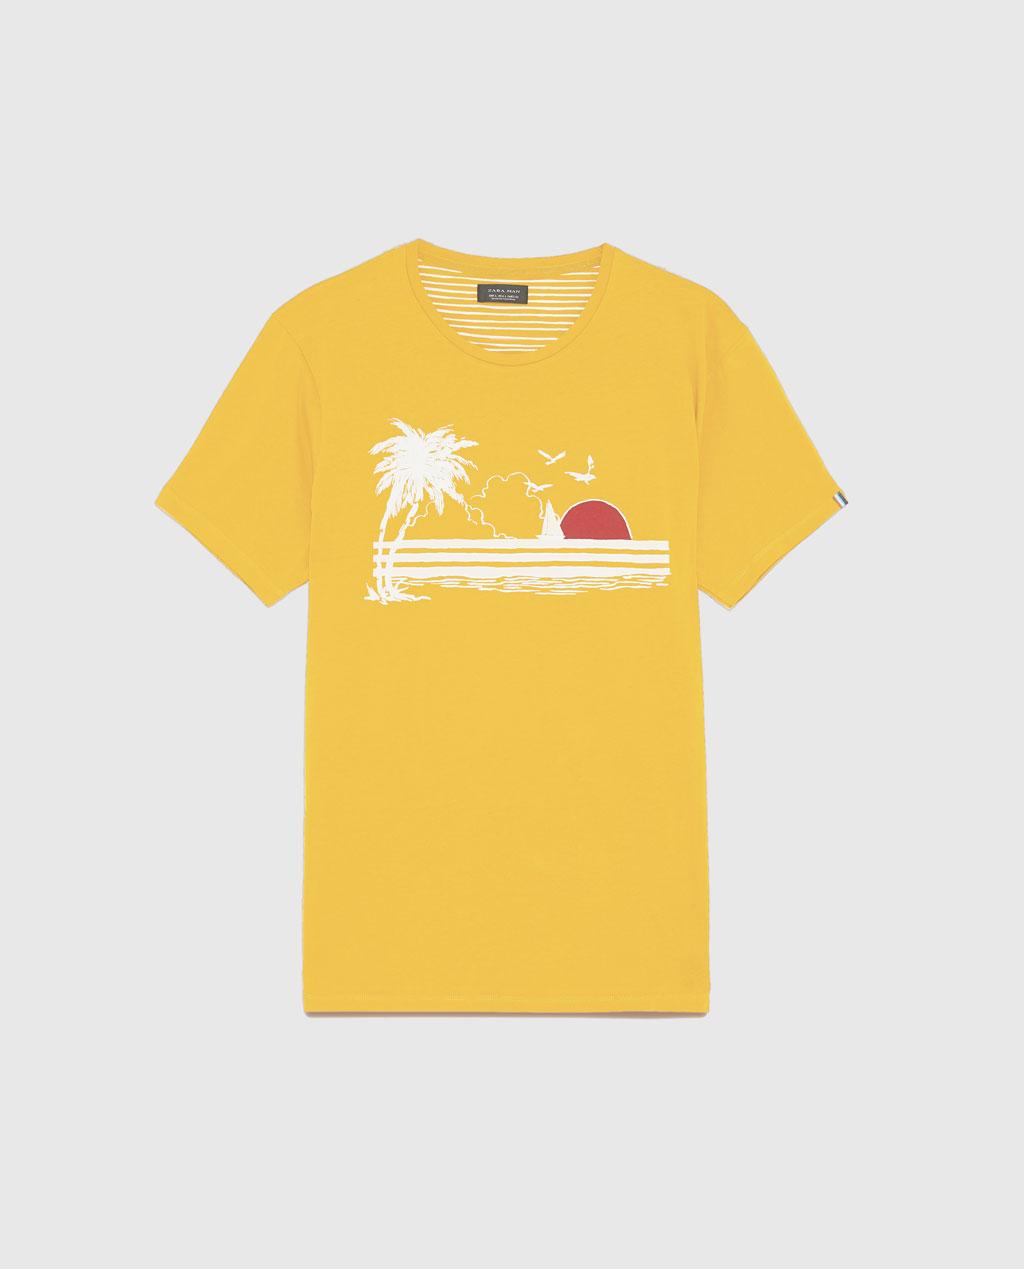 Thời trang nam Zara  24004 - ảnh 10